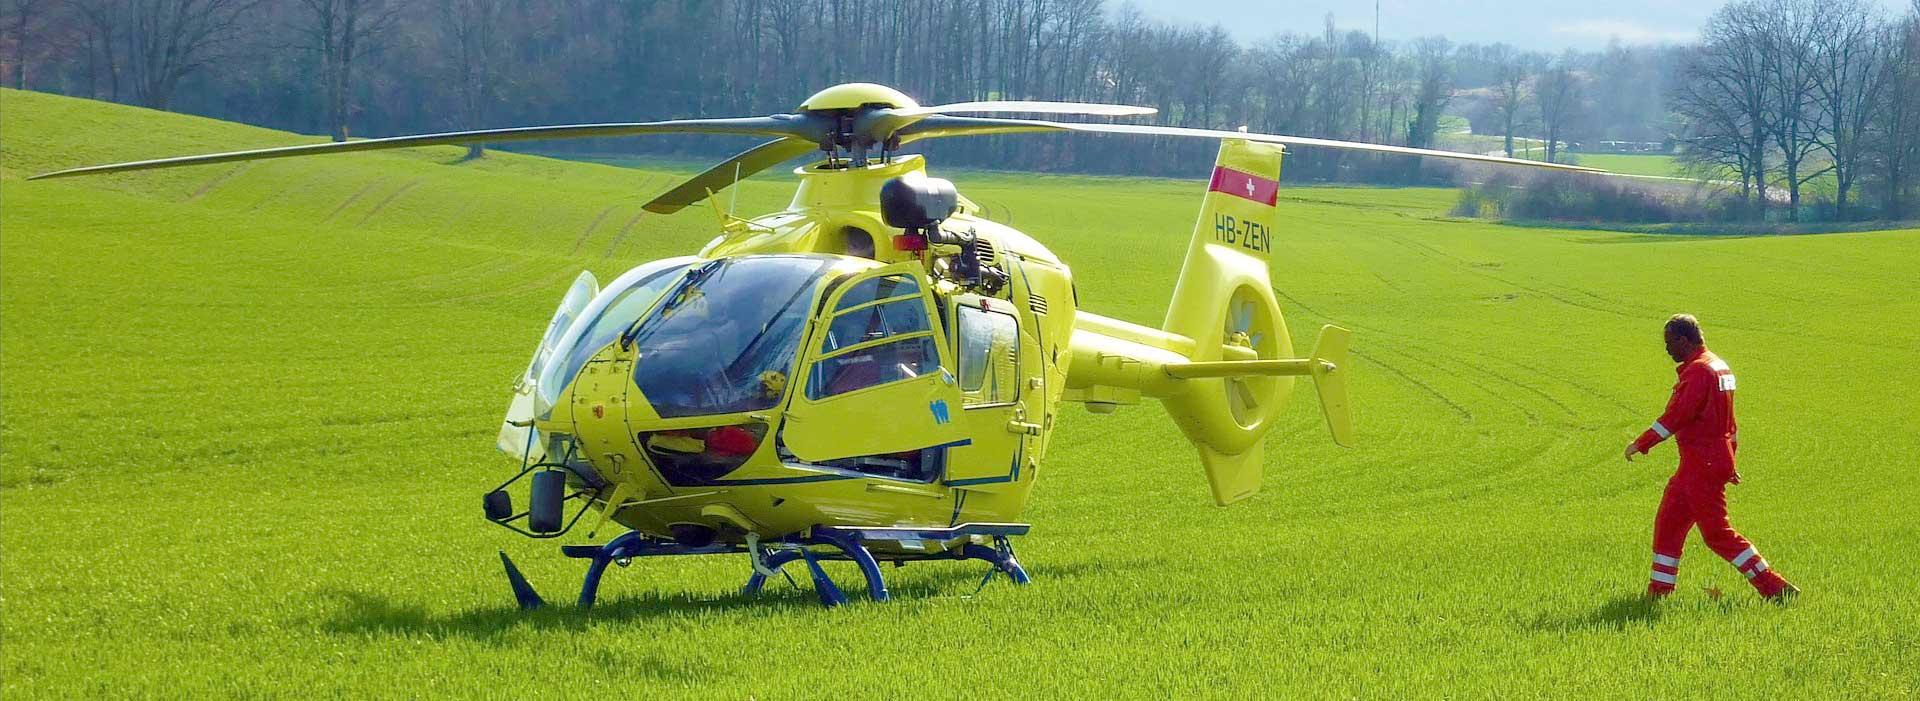 Verlegung per Hubschrauber